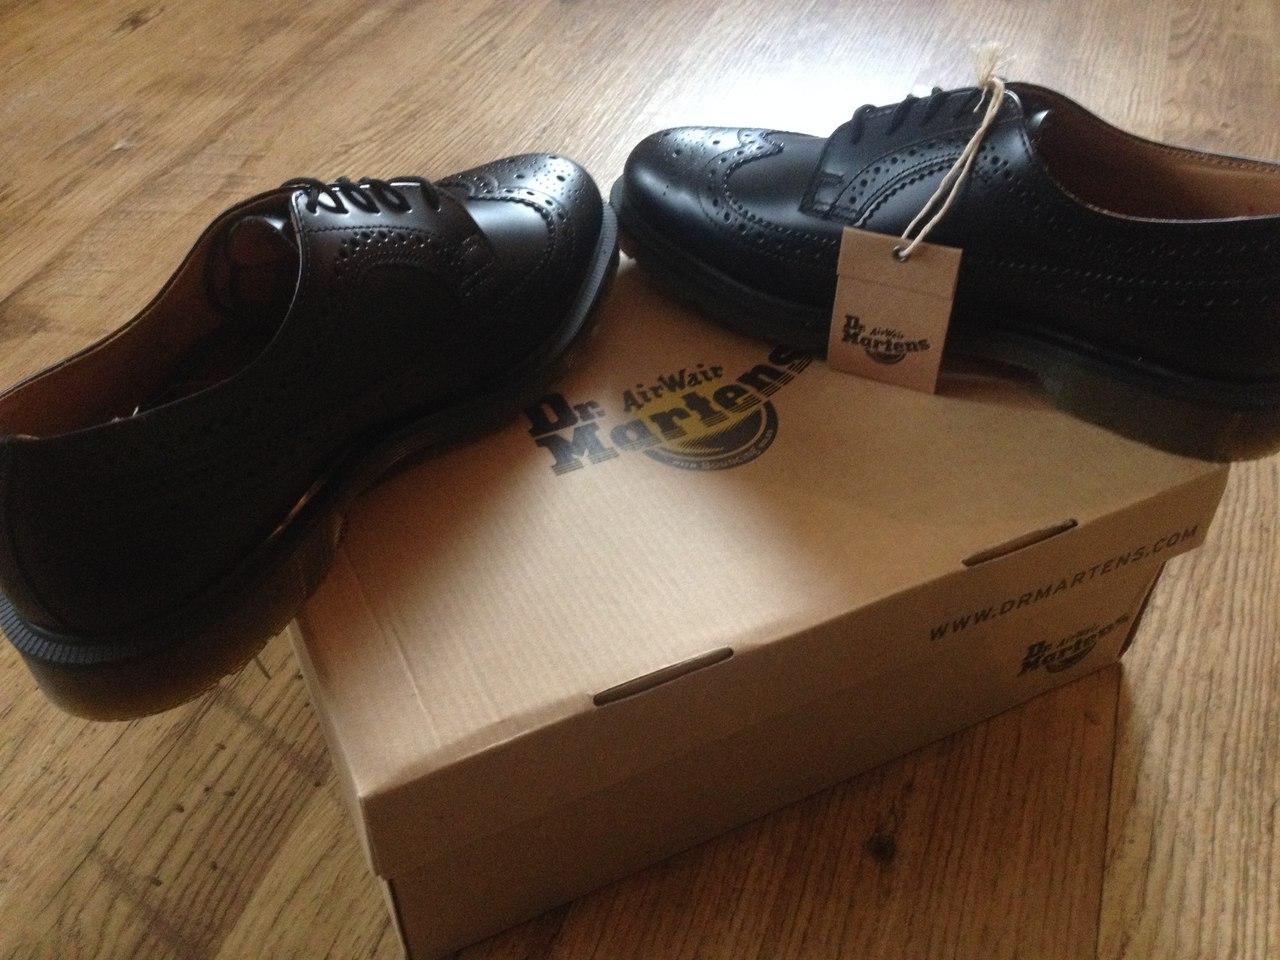 ботинки др мартинс с асоса